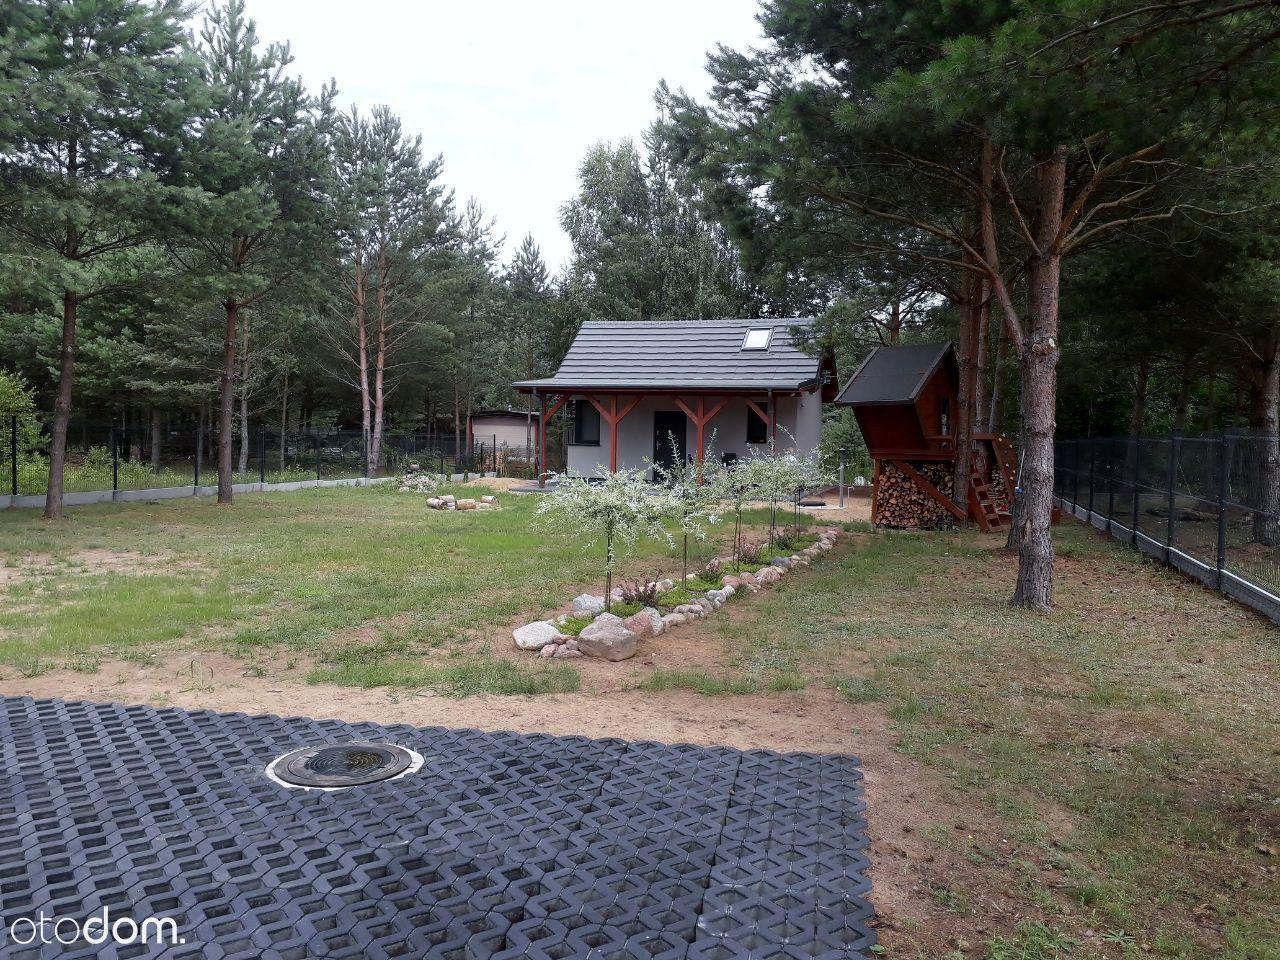 Działka - Huta - Cekcyn, linia brzegowa, jezioro